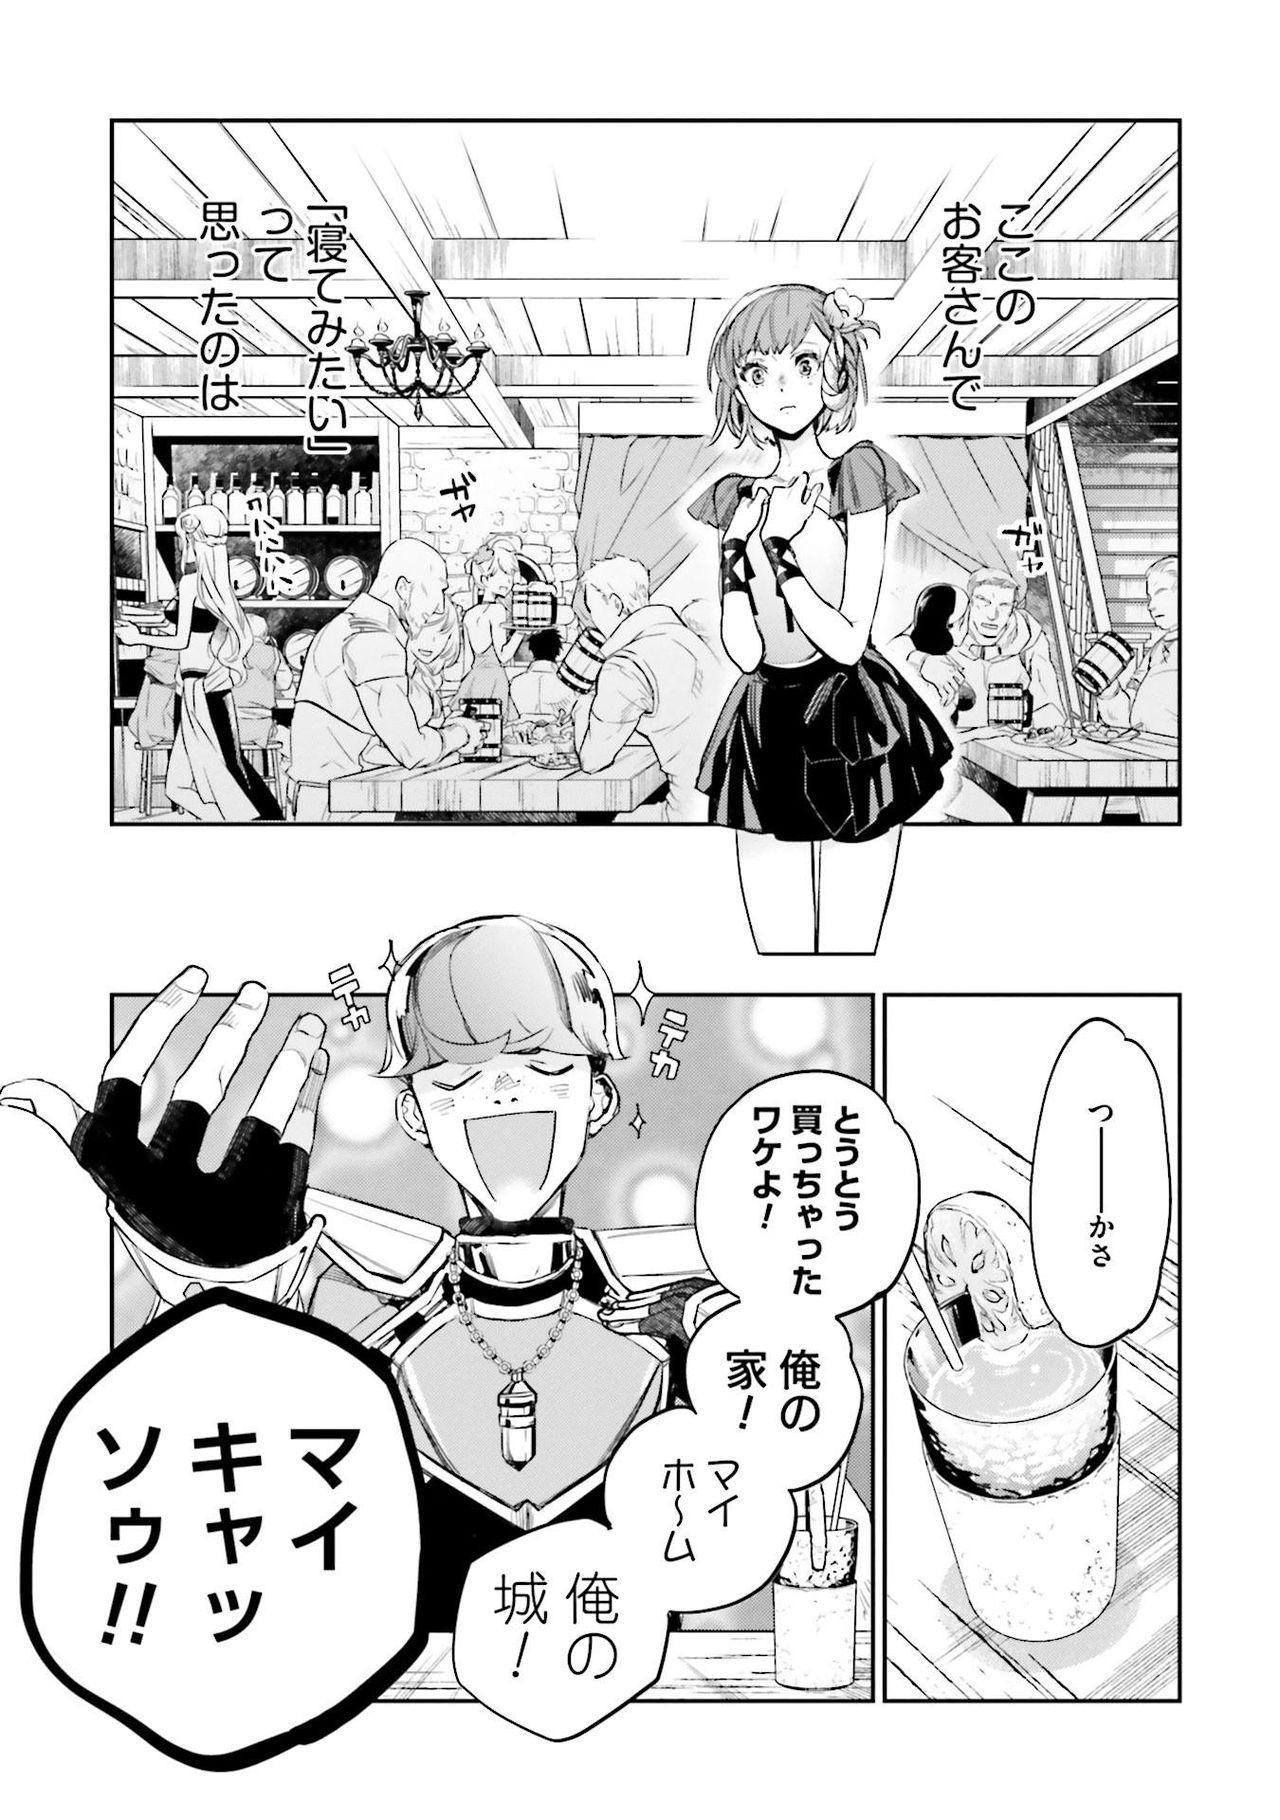 JK Haru wa Isekai de Shoufu ni Natta 1-14 305